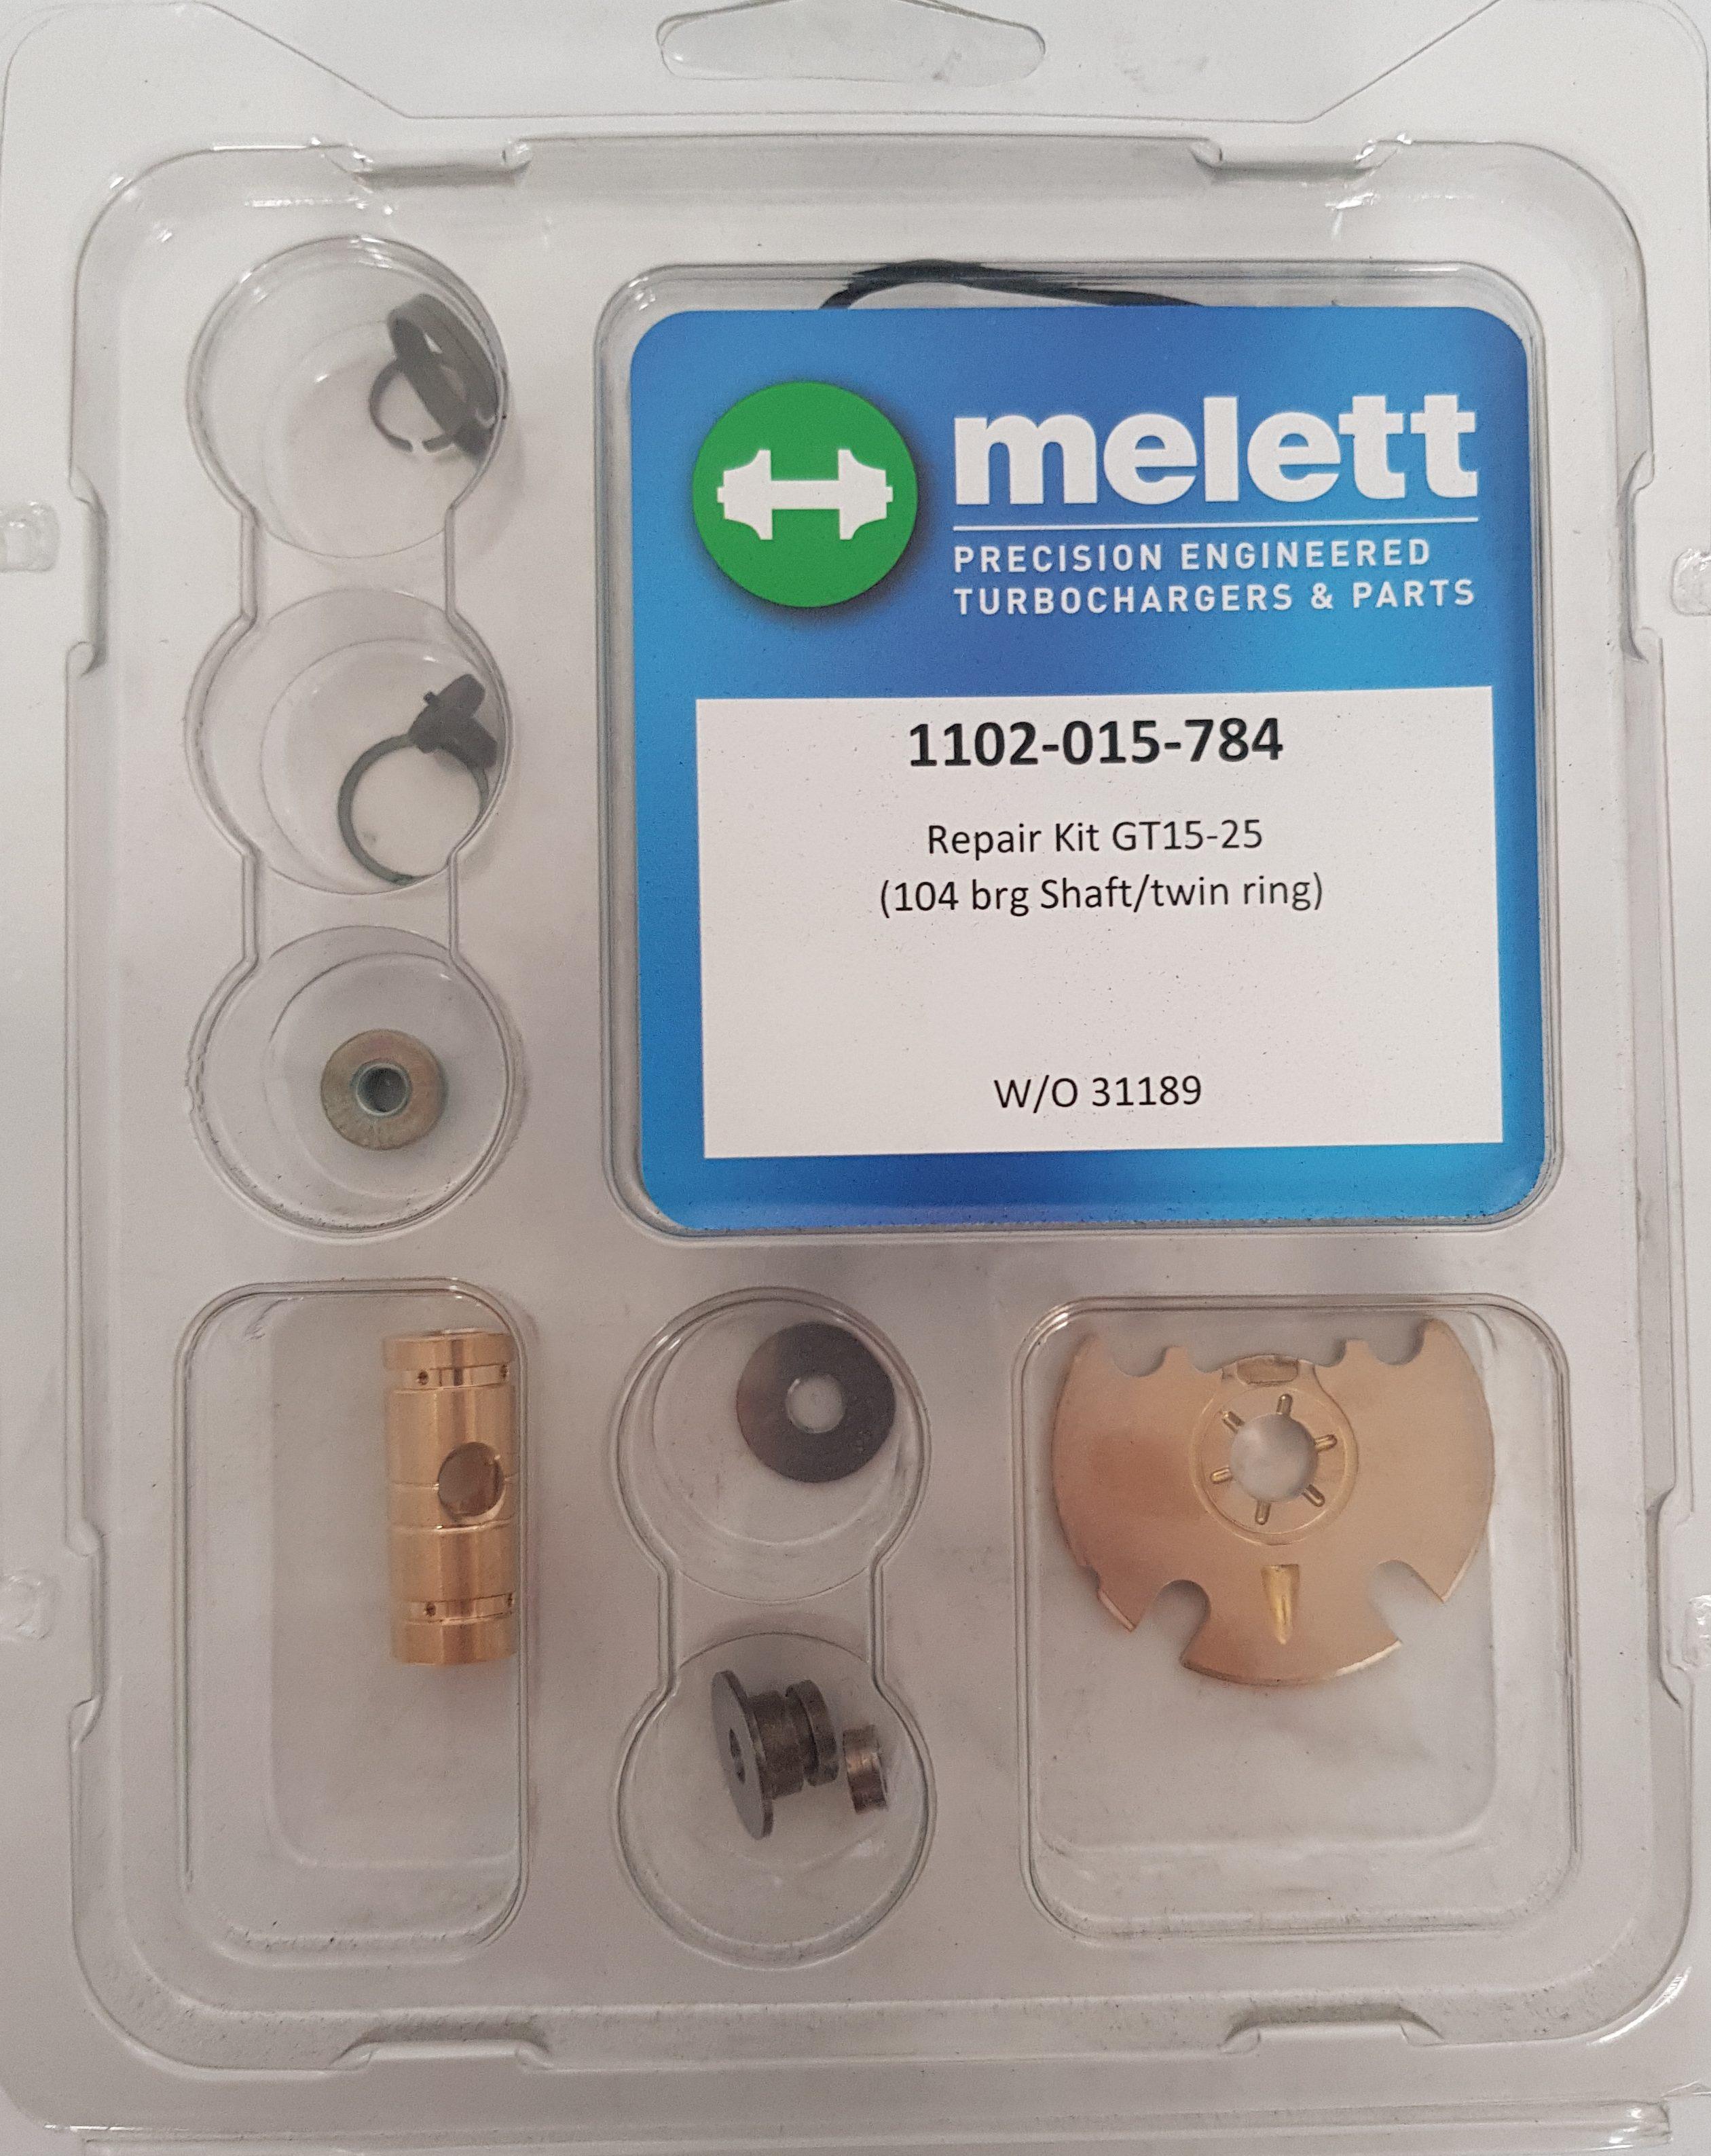 MERCEDES BENZ 1102-015-784 MELETT TURBOCHARGER TURBO REPAIR KIT FOR GARRETT  GTB15